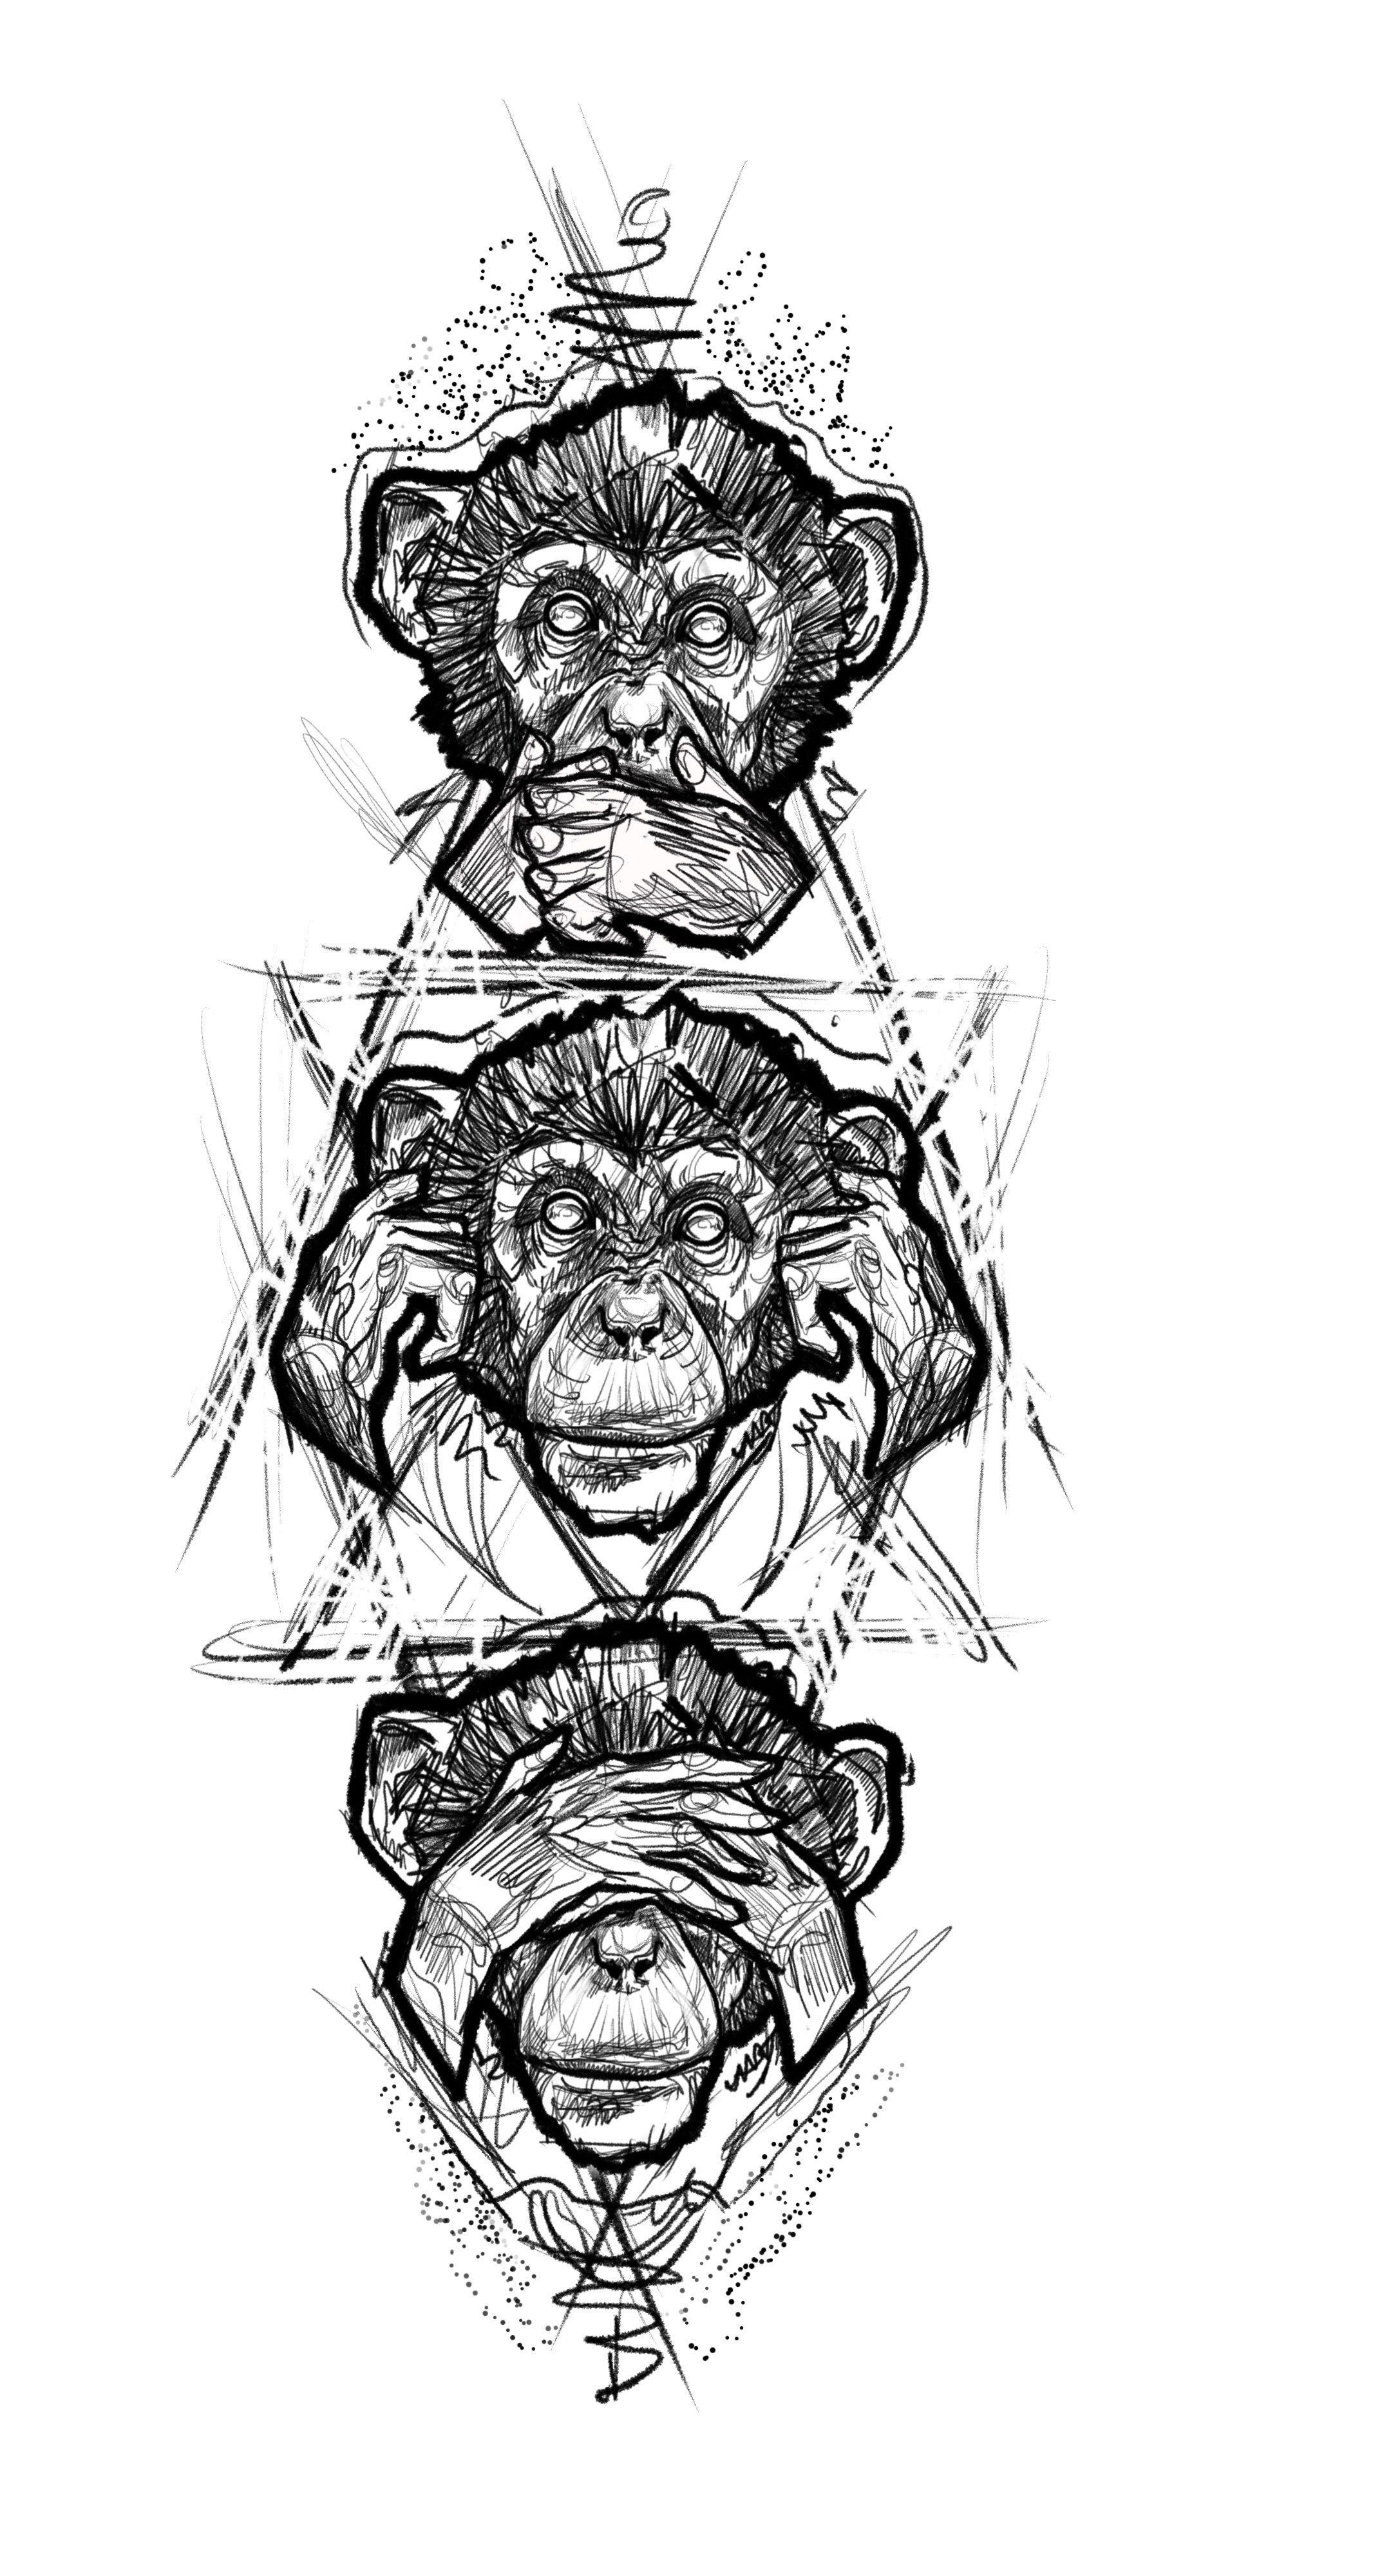 4c0ac8739 Three monkey tattoo design sketch | Tattoos | Monkey tattoos, Tattoo ...